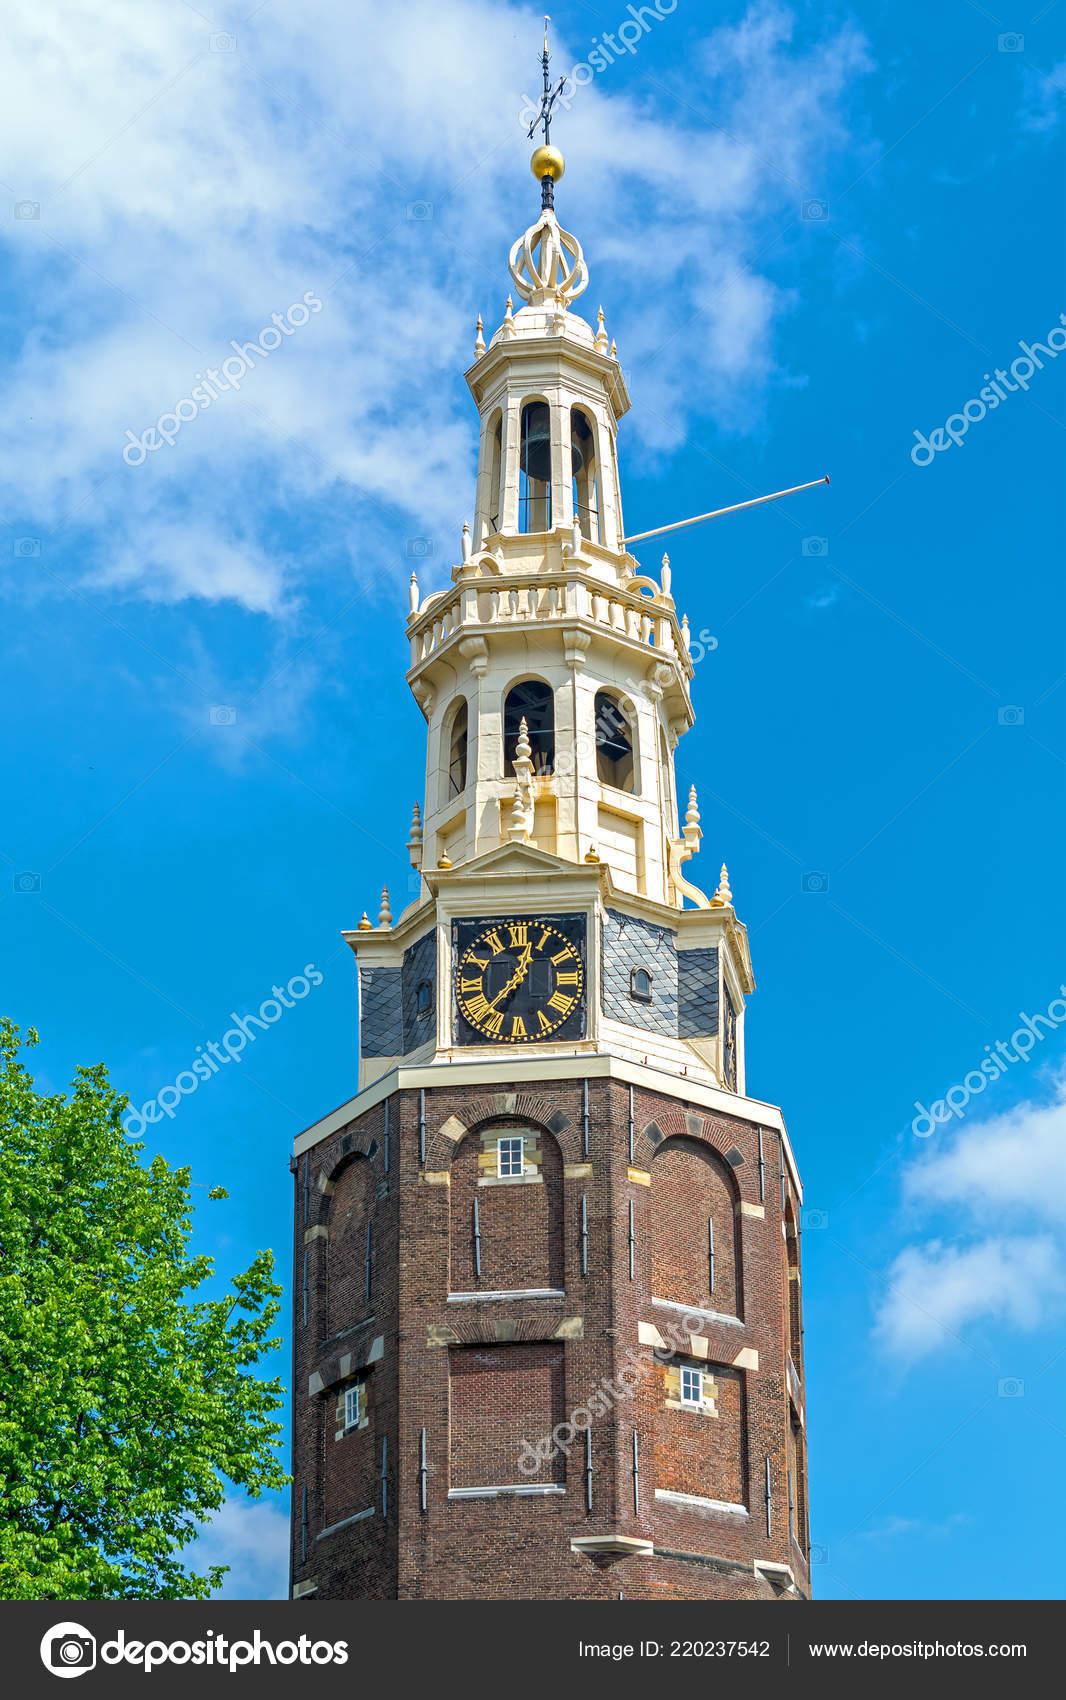 Montel Cloud Hoekbank.Montelbaanstoren Tower Bank Canal Oudeschans Amsterdam